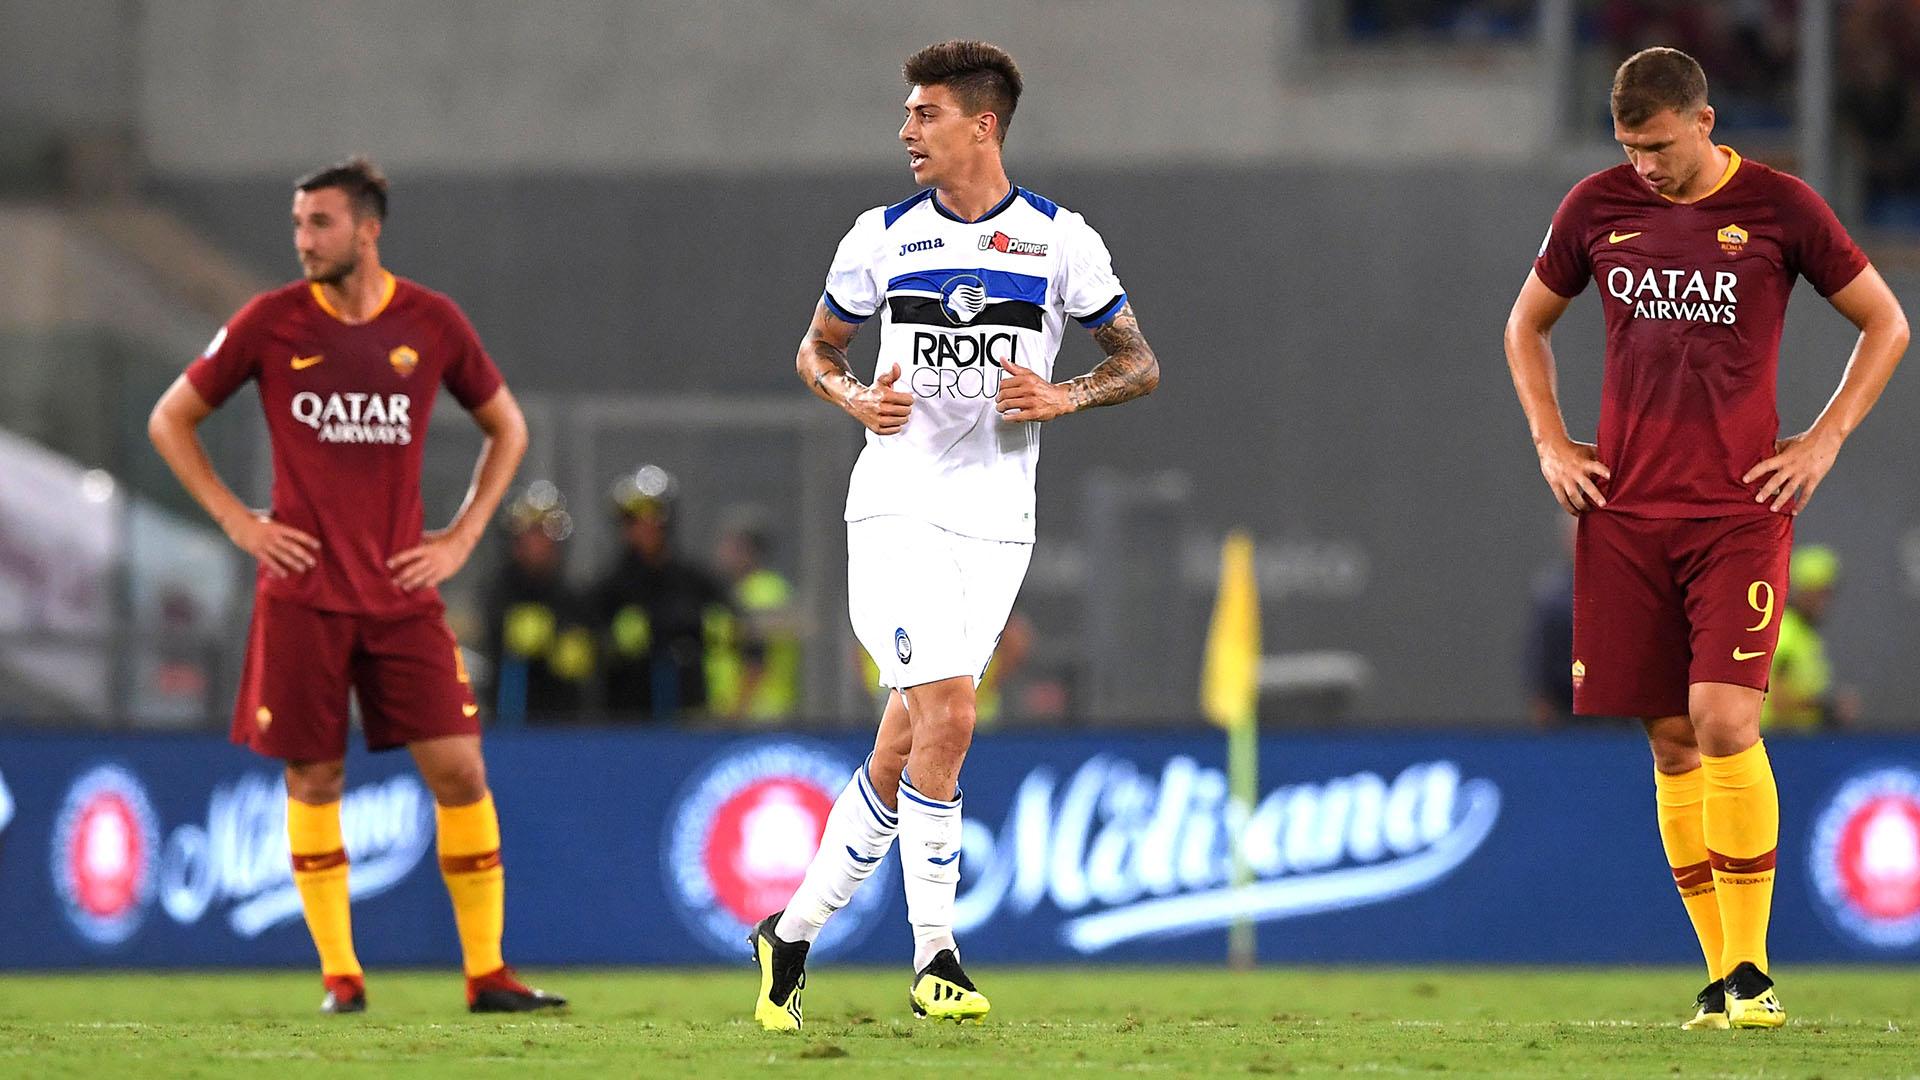 Rigoni celebra su gol ante la Roma, en agosto de 2019, por la Serie A de Italia (Foto: REUTERS/Alberto Lingria)